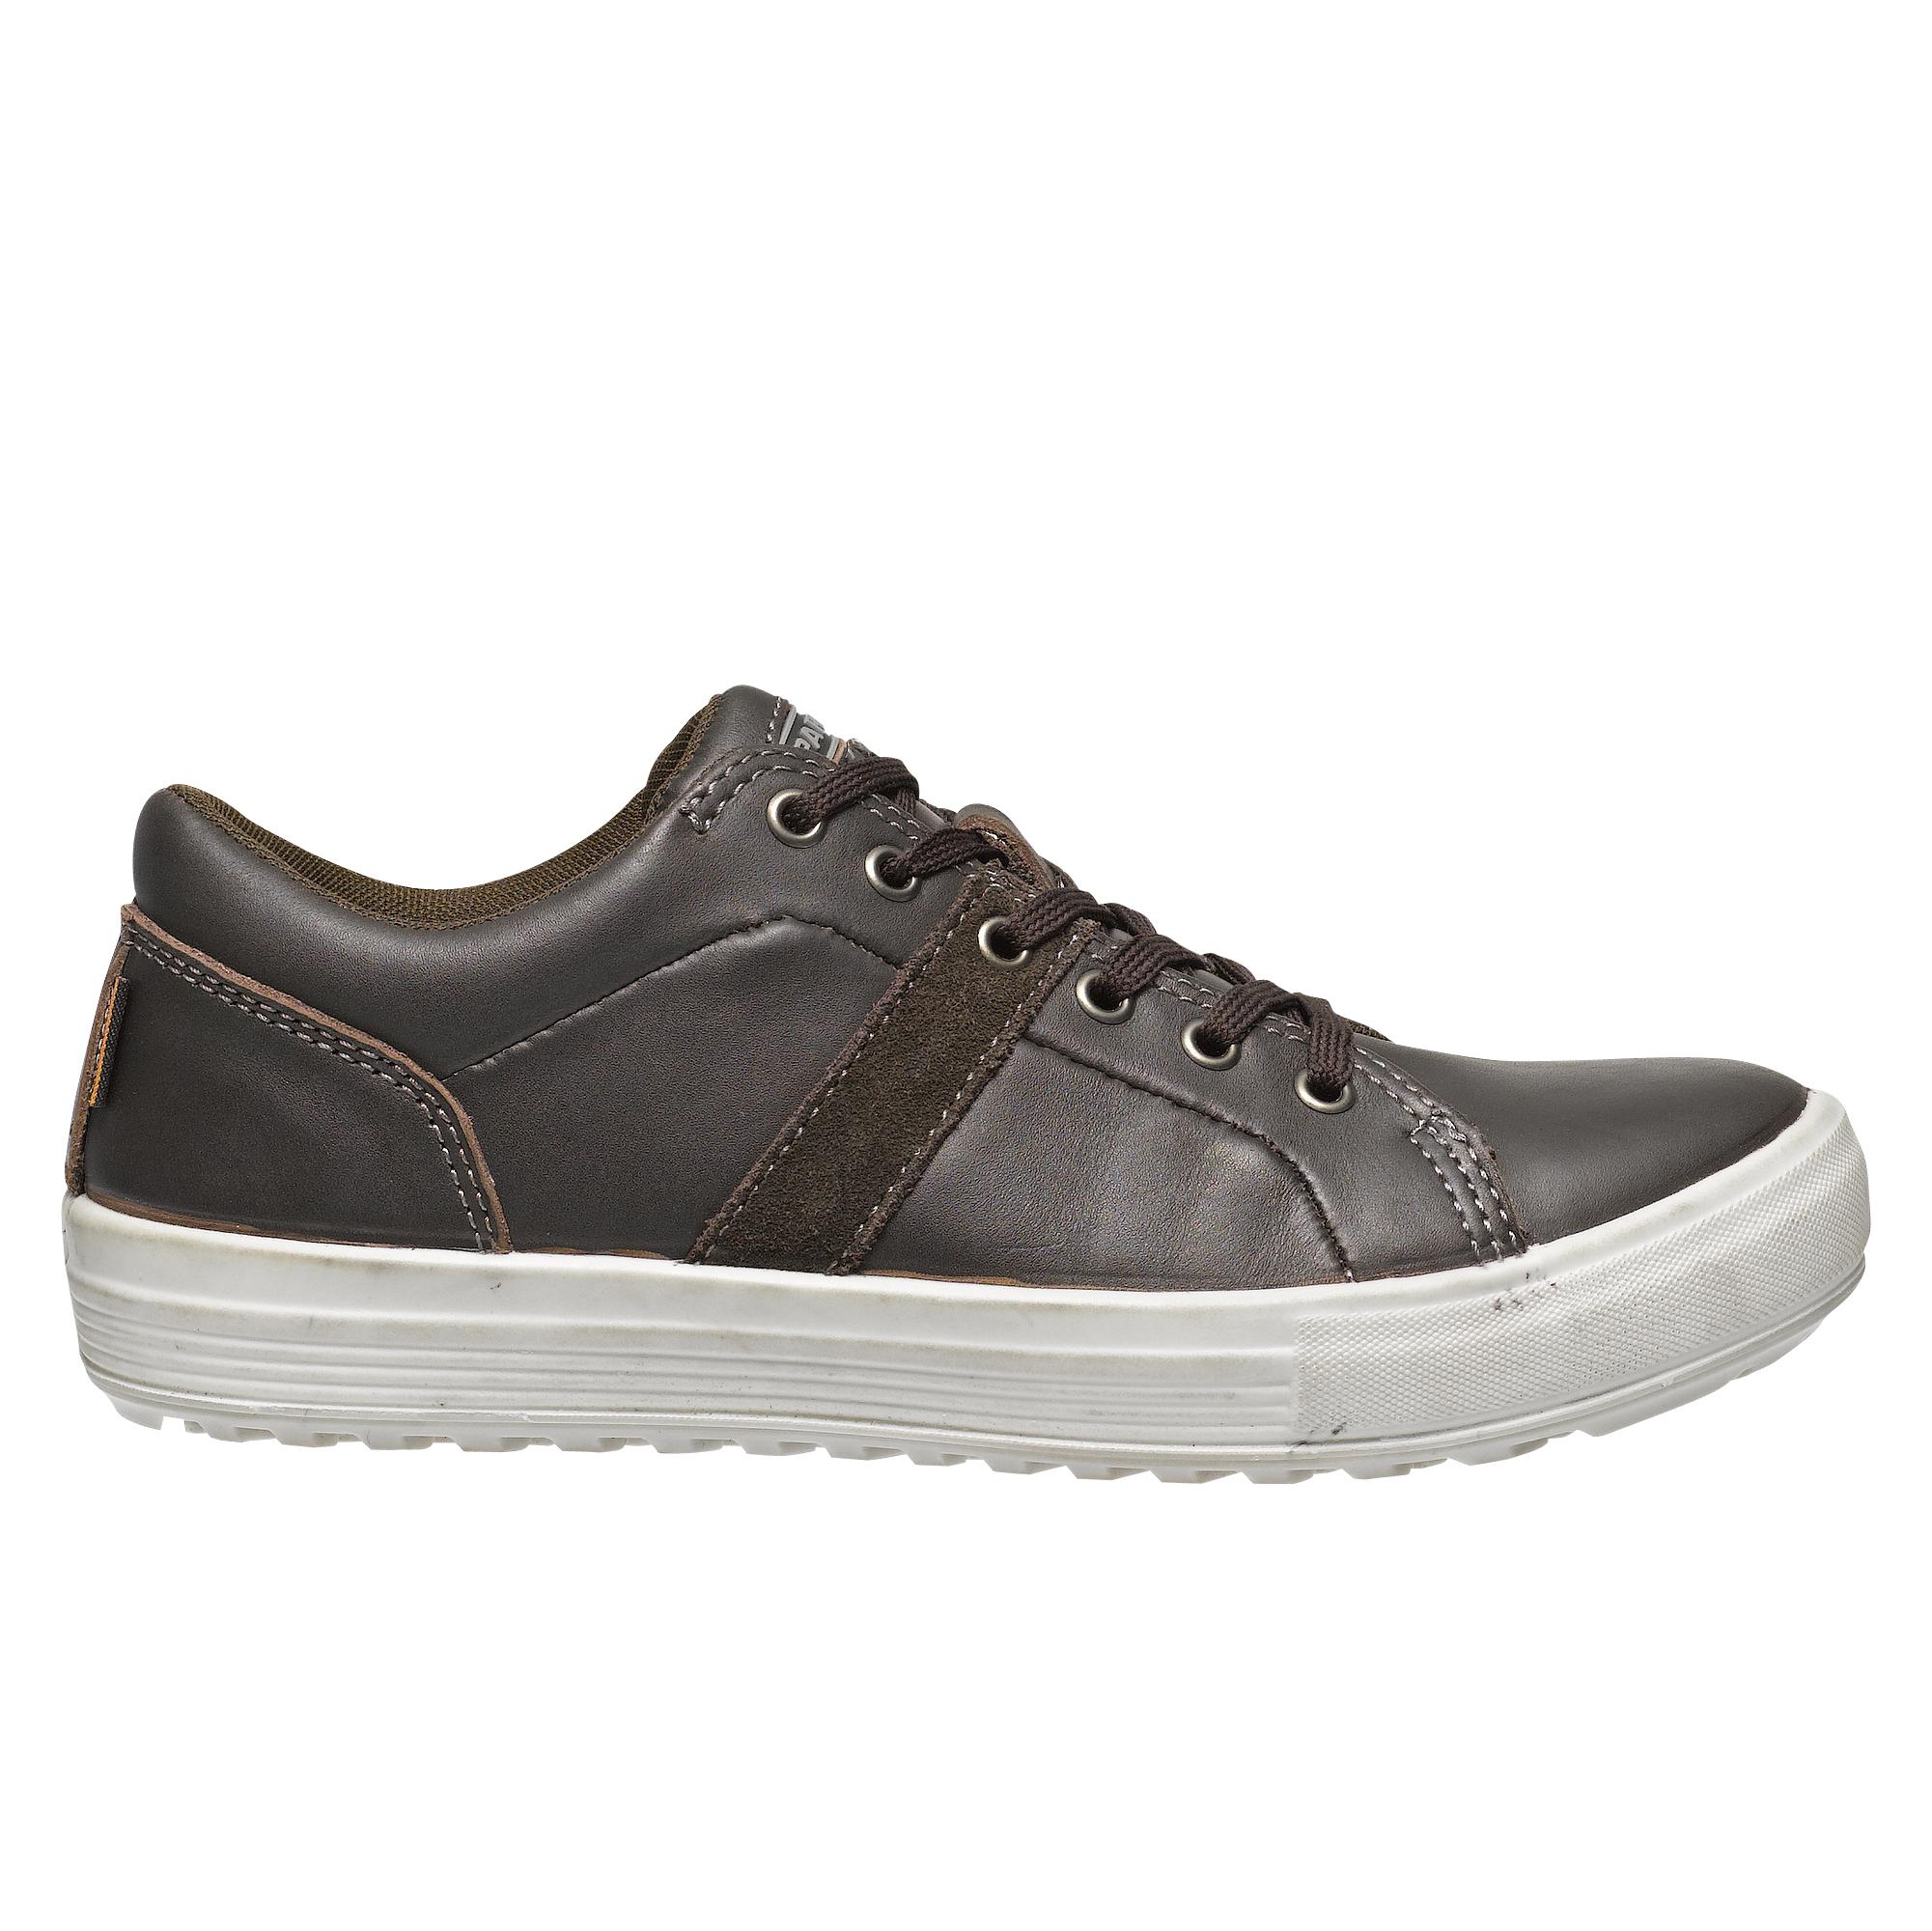 Chaussure de sécurité vargas noir s3 src